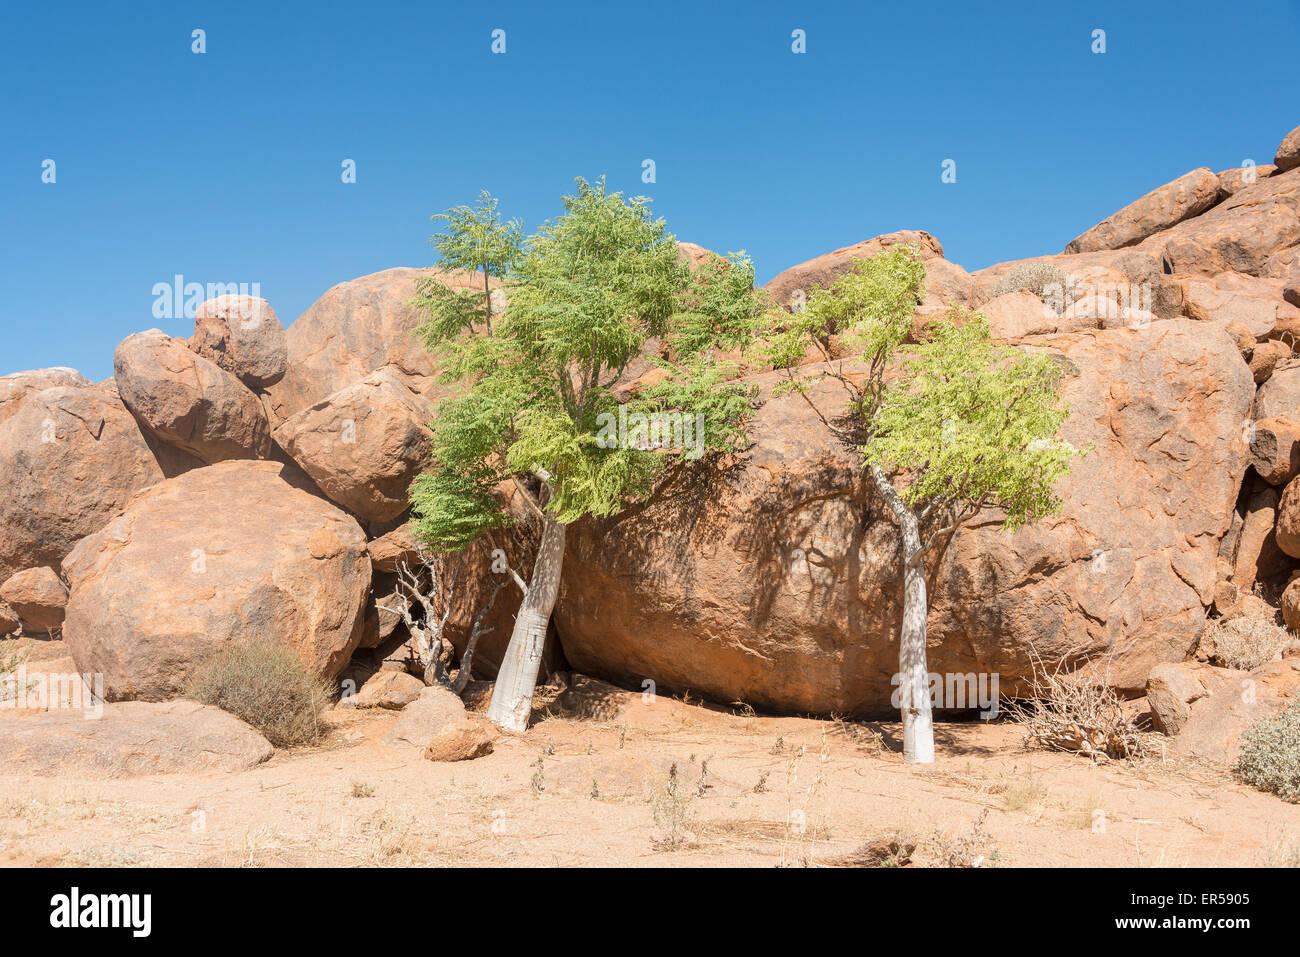 Gli alberi di acacia incastonato tra i massi, Namib Naukluft Park, Solitaire, Namib Desert, Repubblica di Namibia Immagini Stock